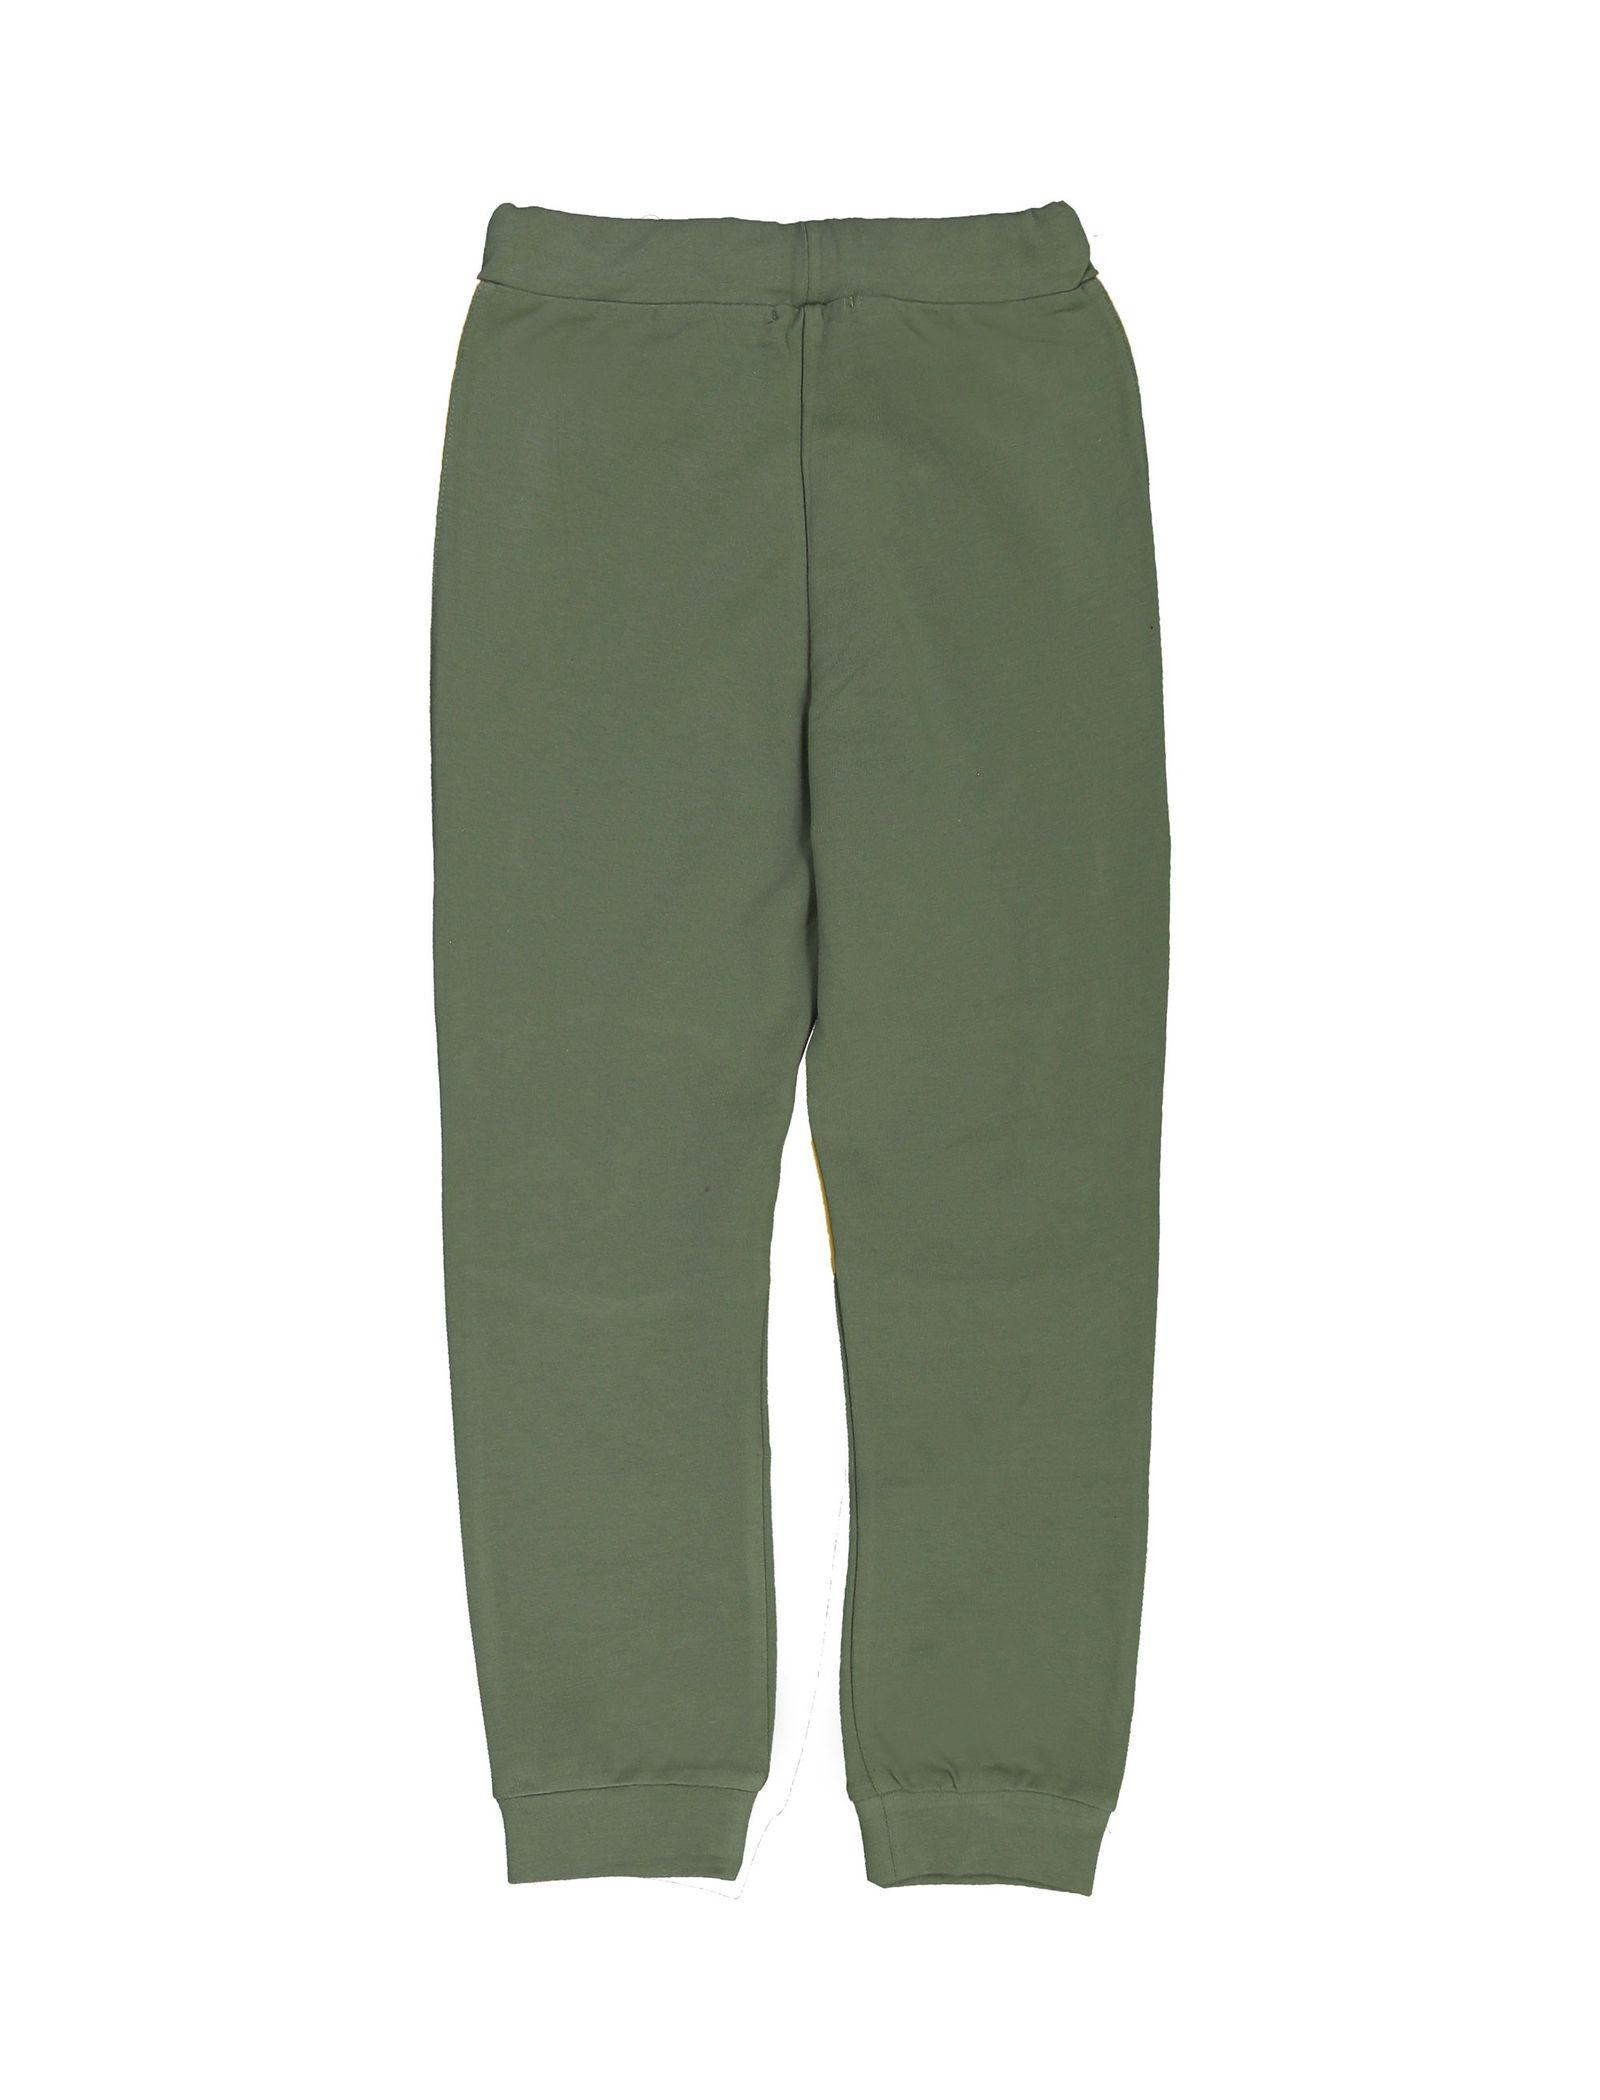 پیراهن و شلوار پسرانه - پیانو - سبز - 5